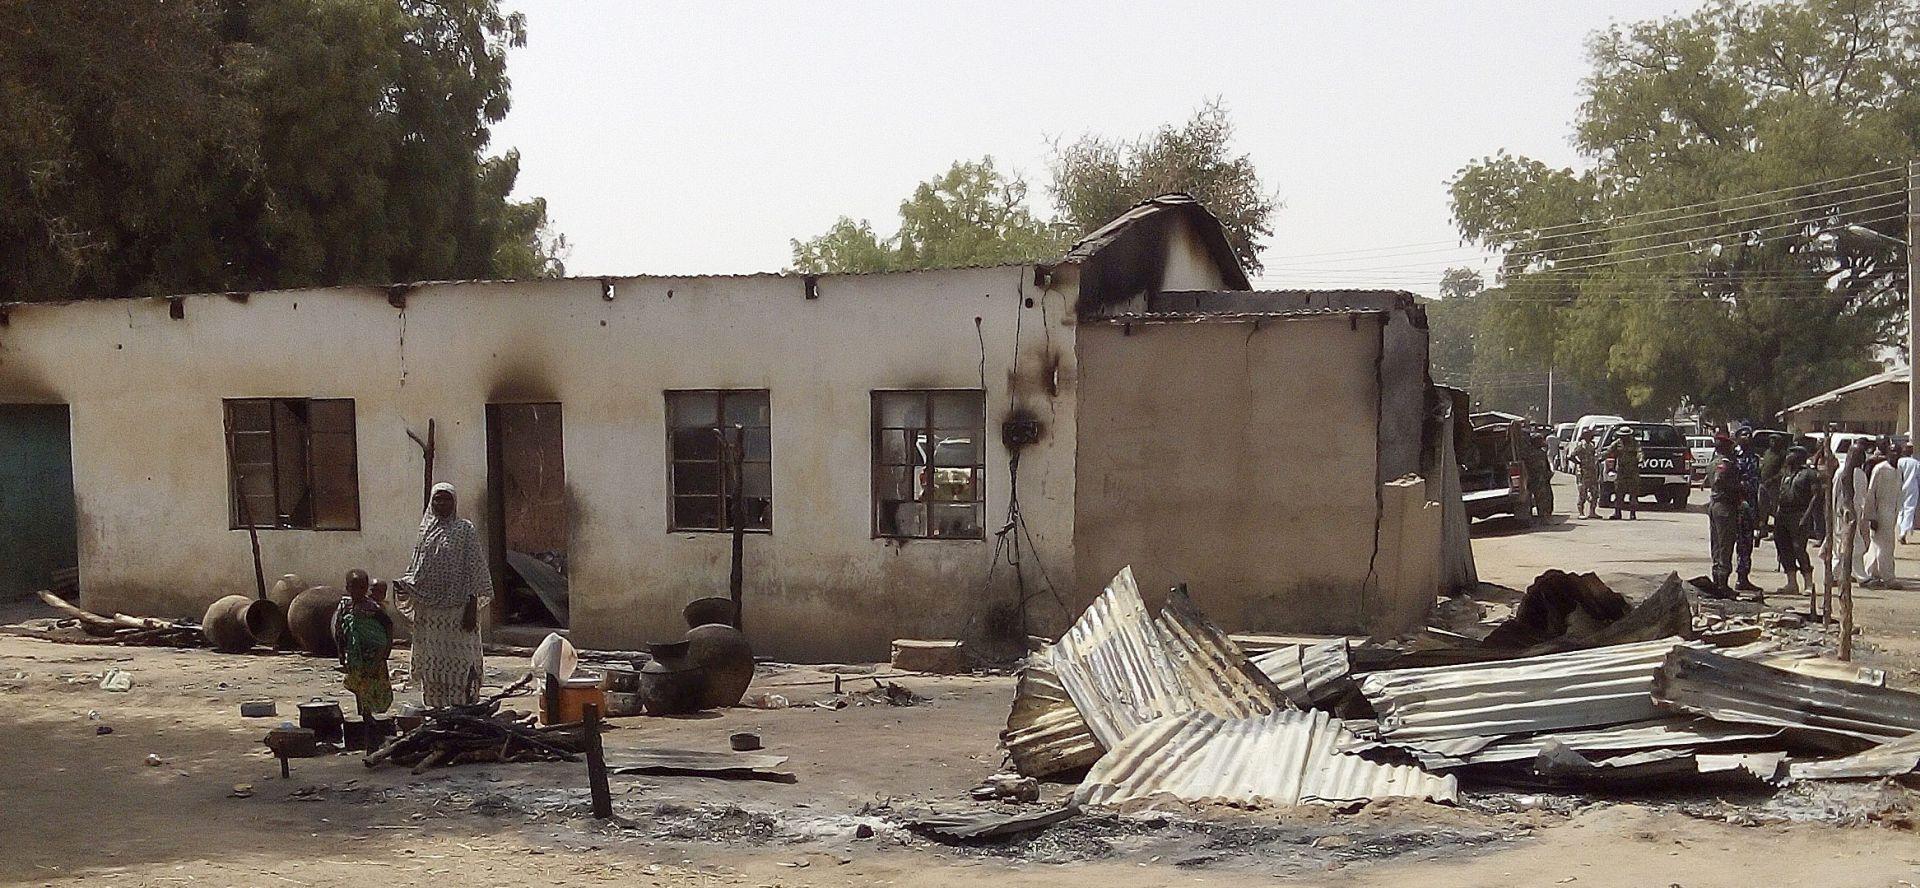 UBIJENO NAJMANJE 25 OSOBA: Nigerijska vojska greškom bombardirala logor